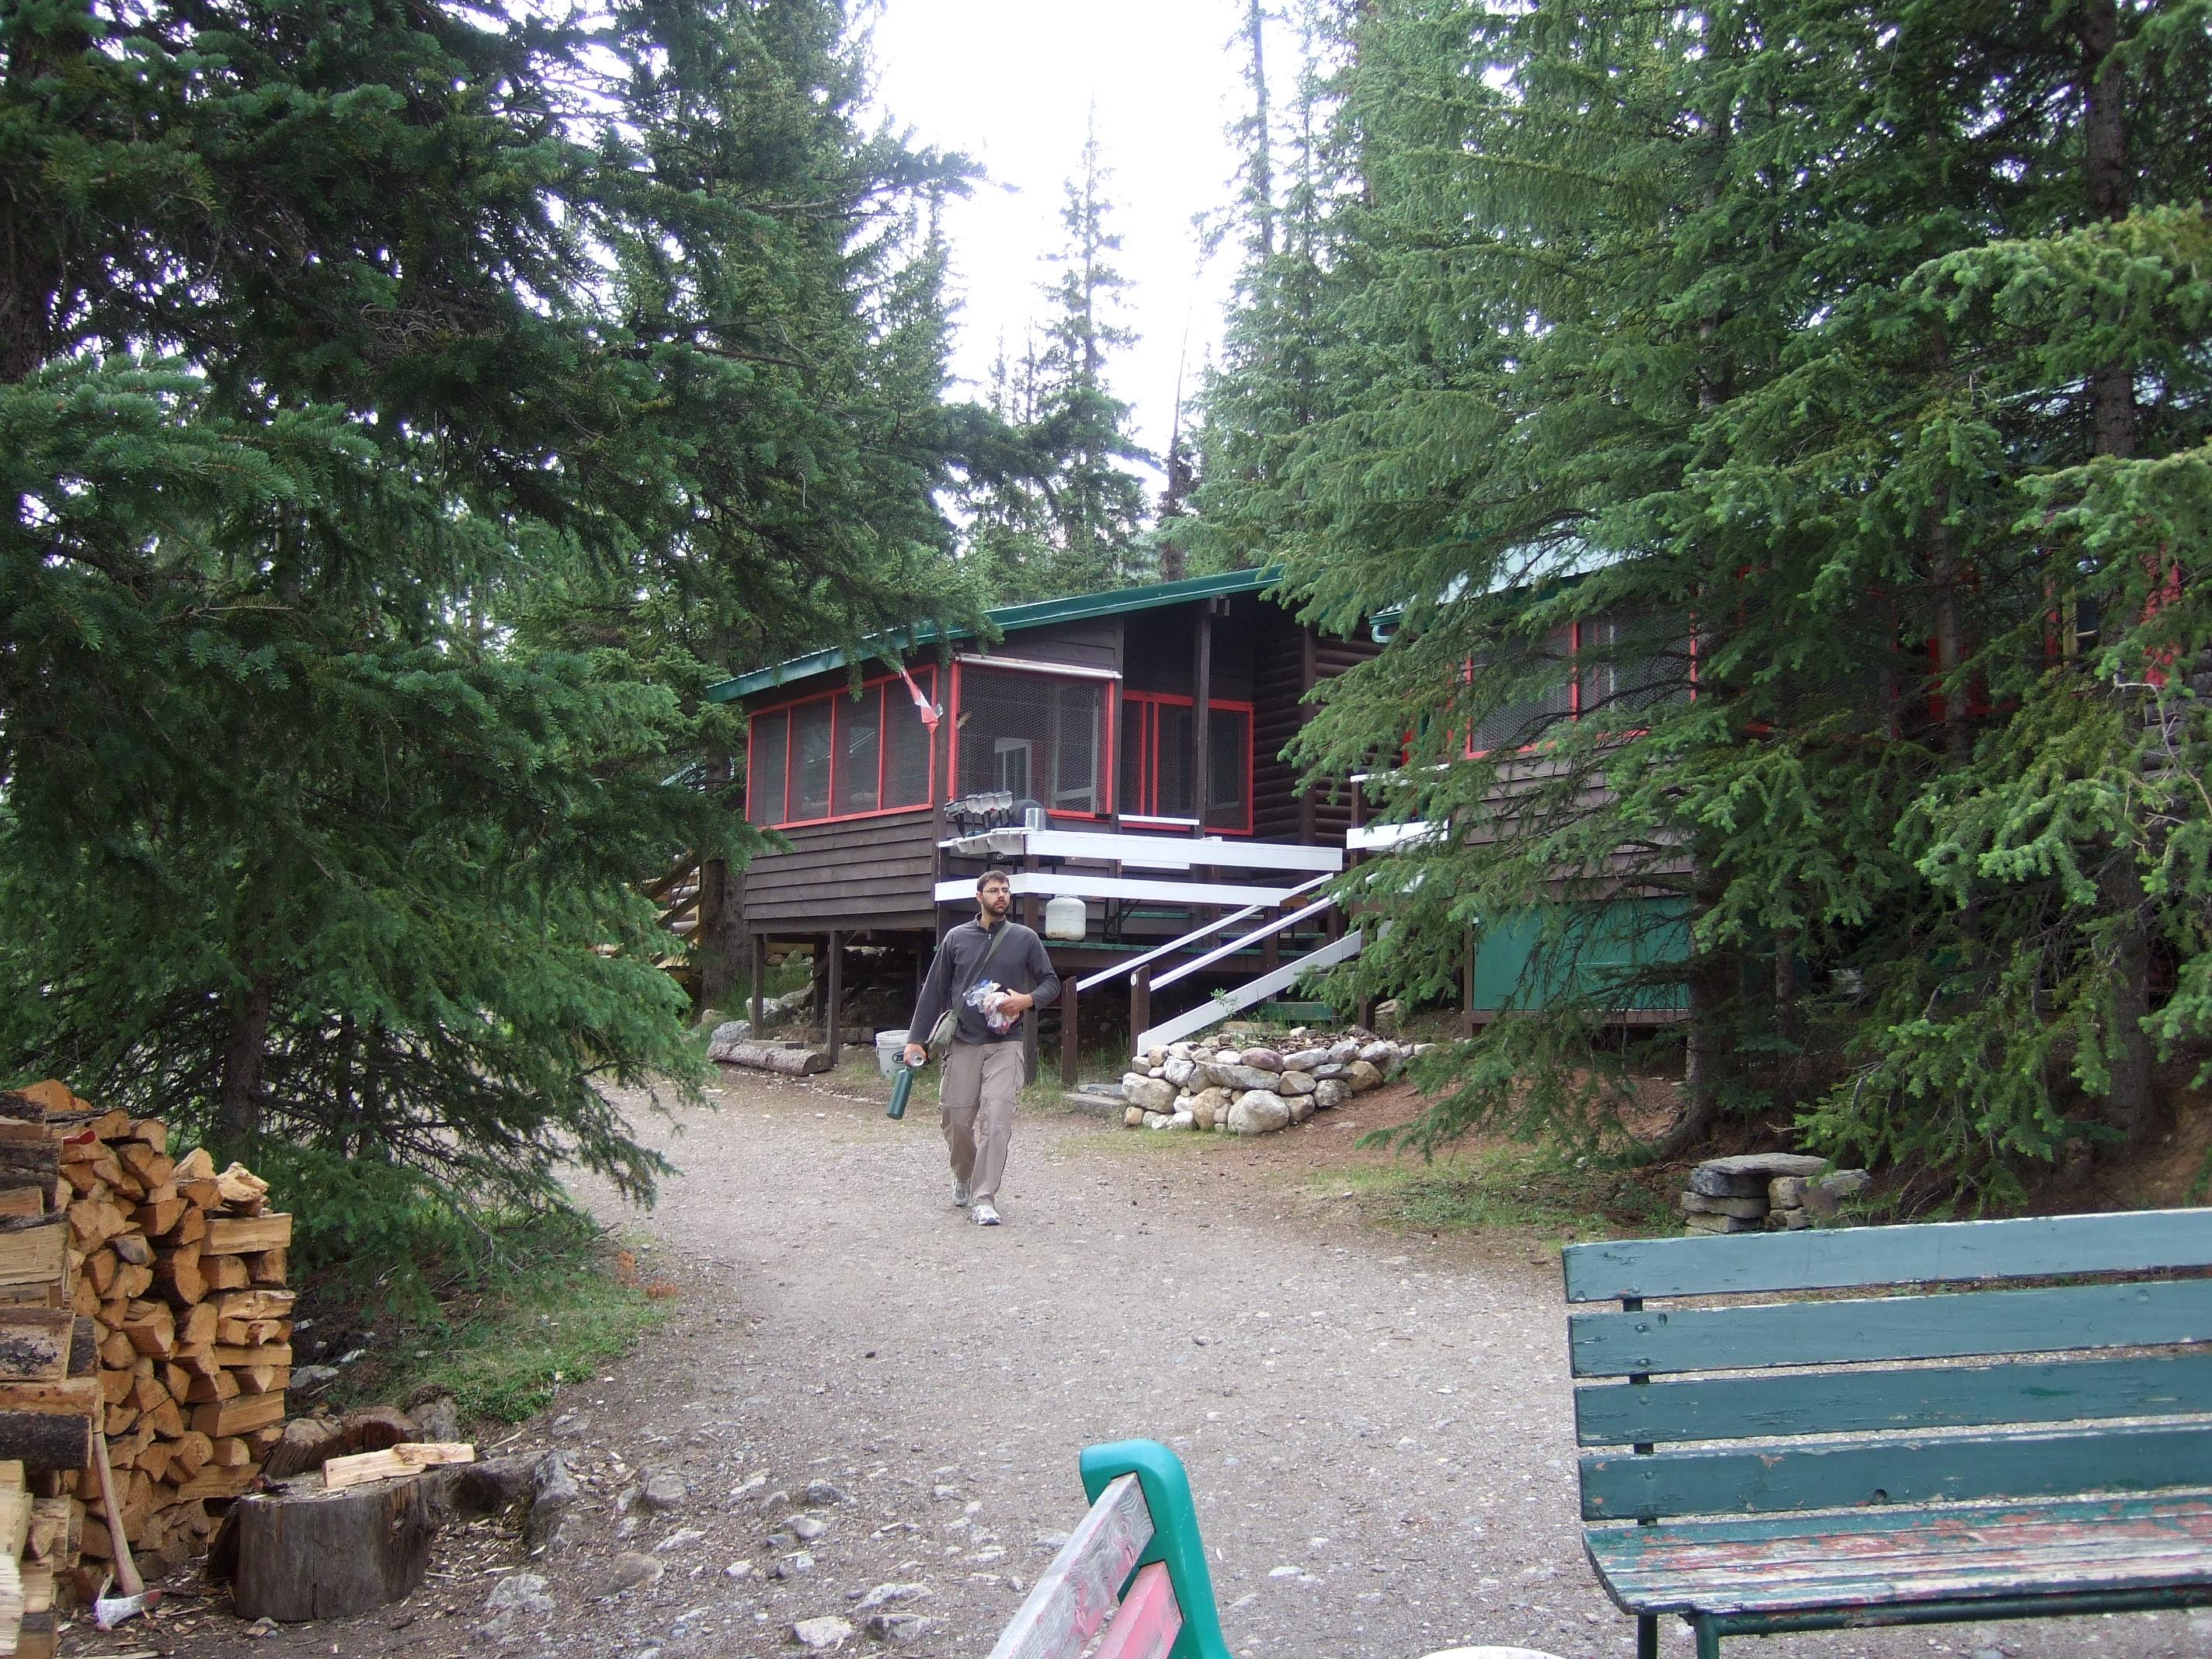 HI-Beauty Creek Wilderness Hostel